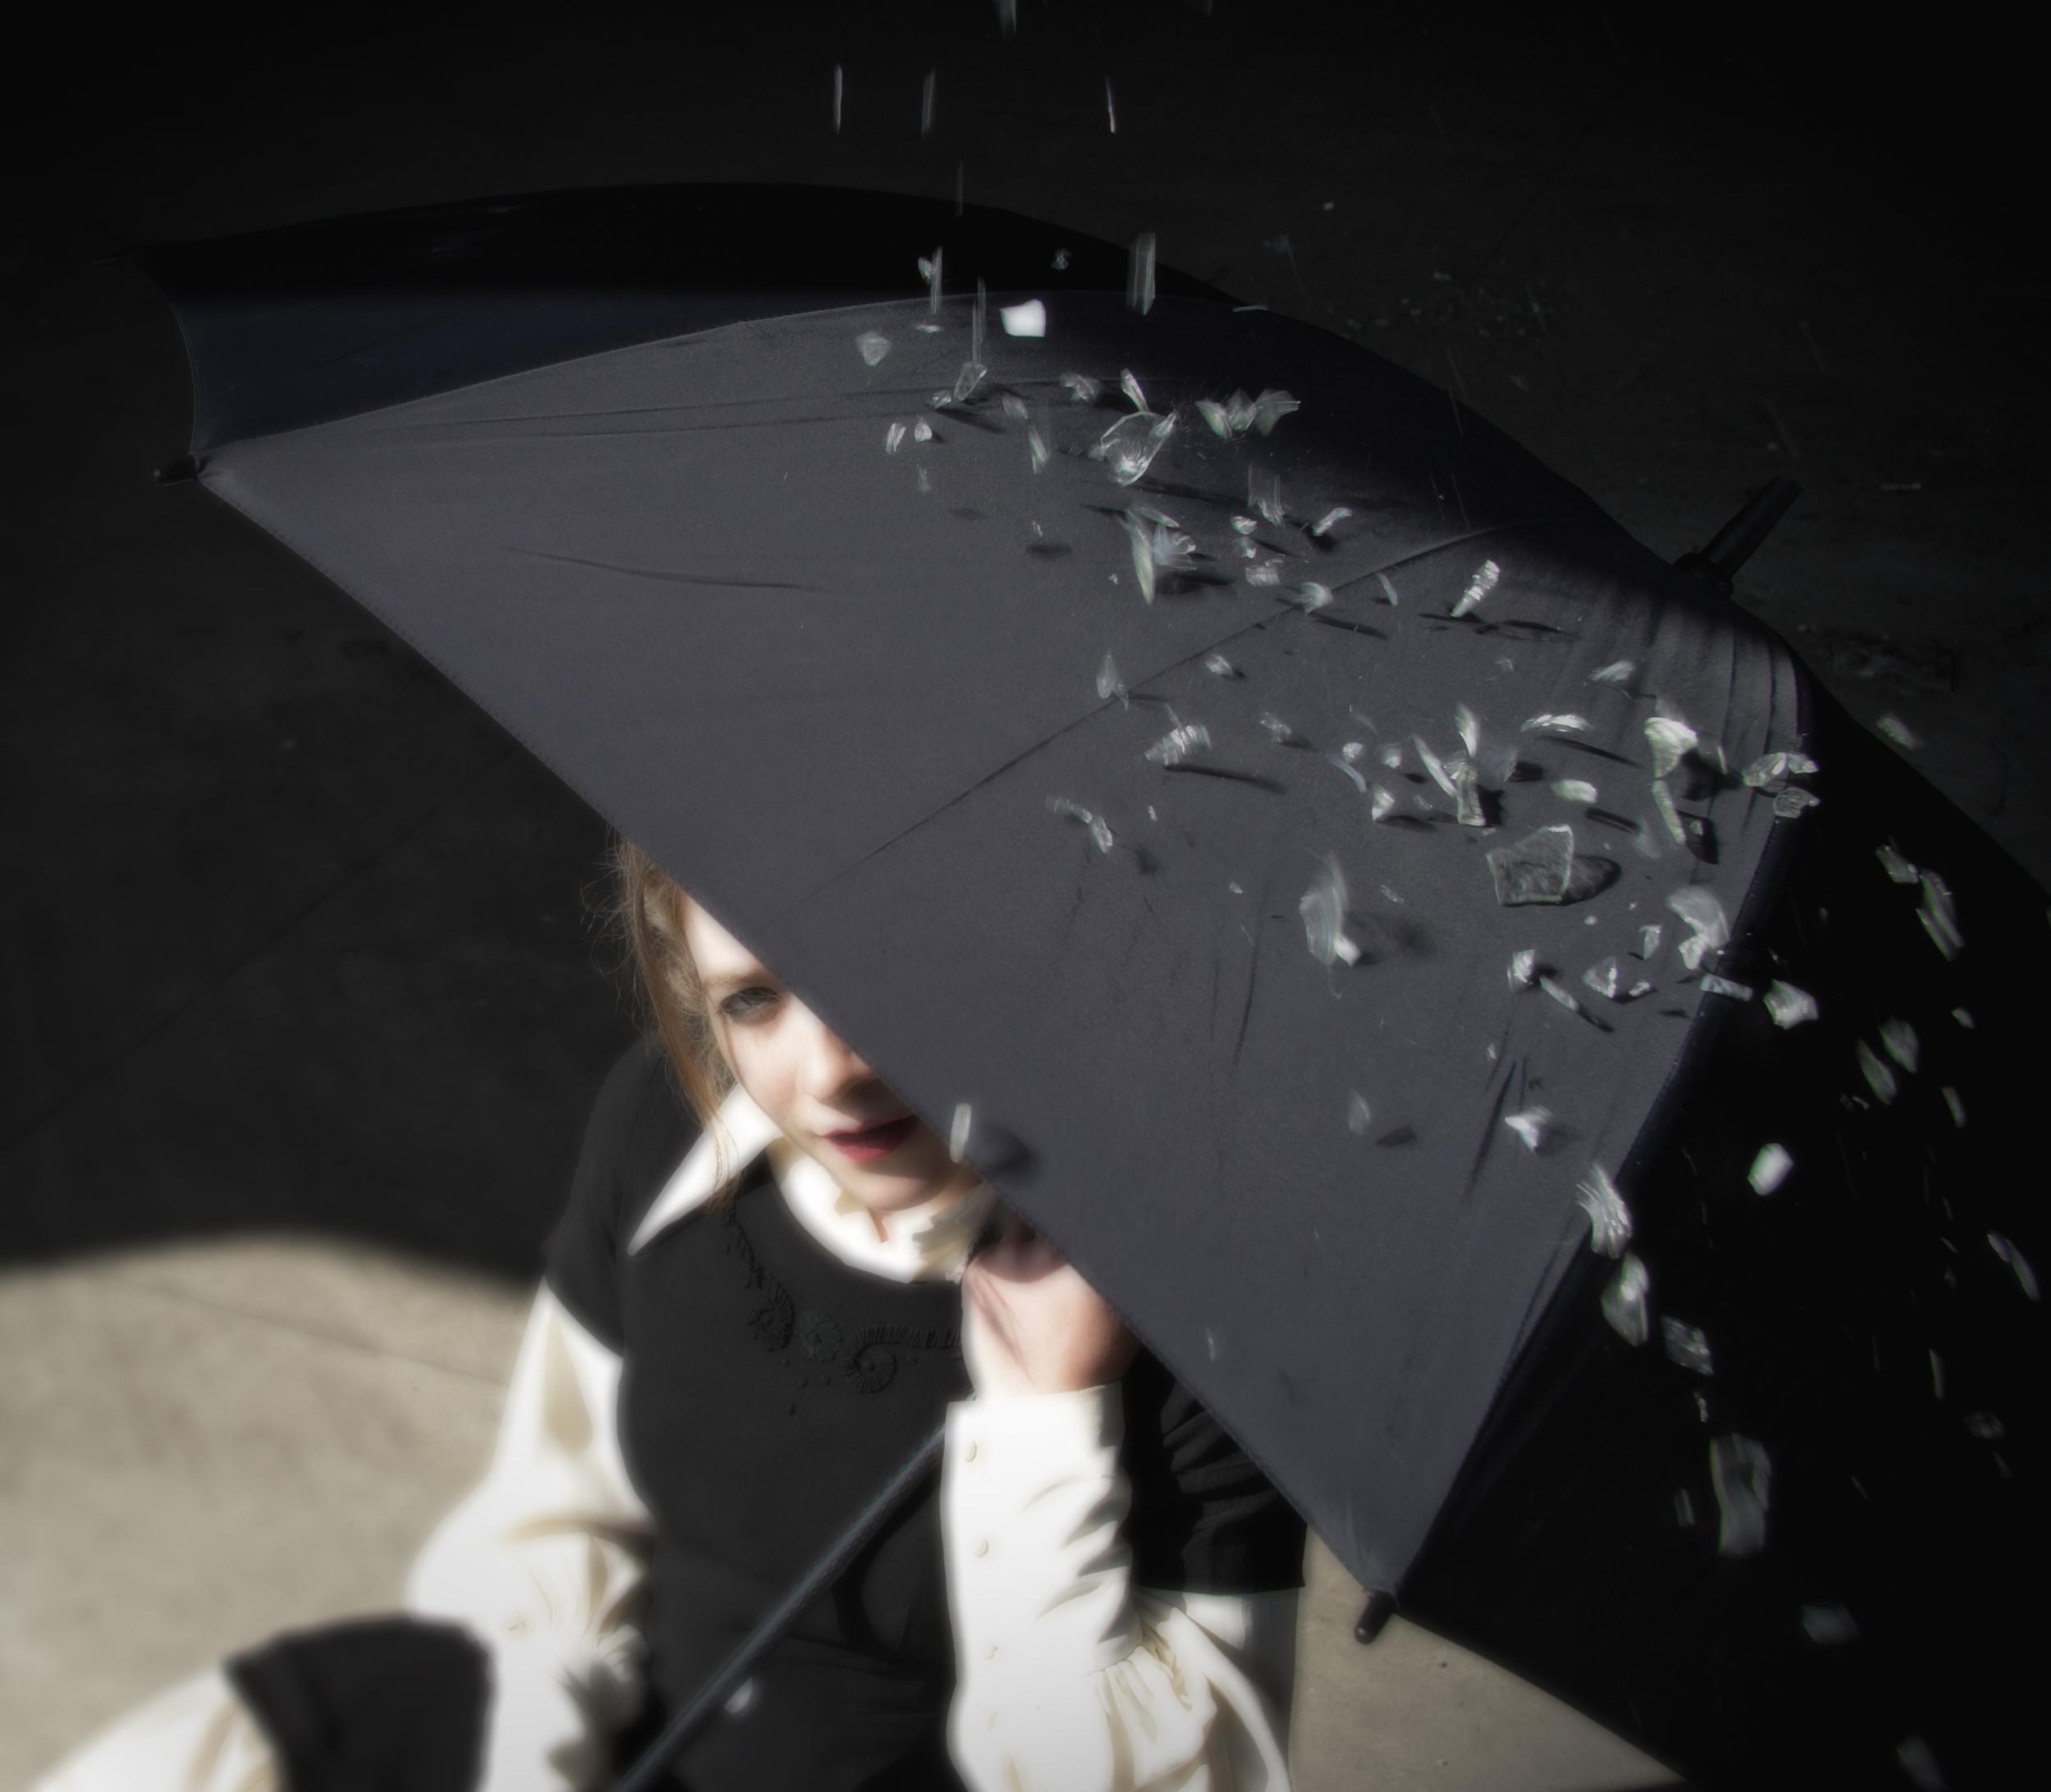 when-it-rains-it-pours_497400638_o.jpg